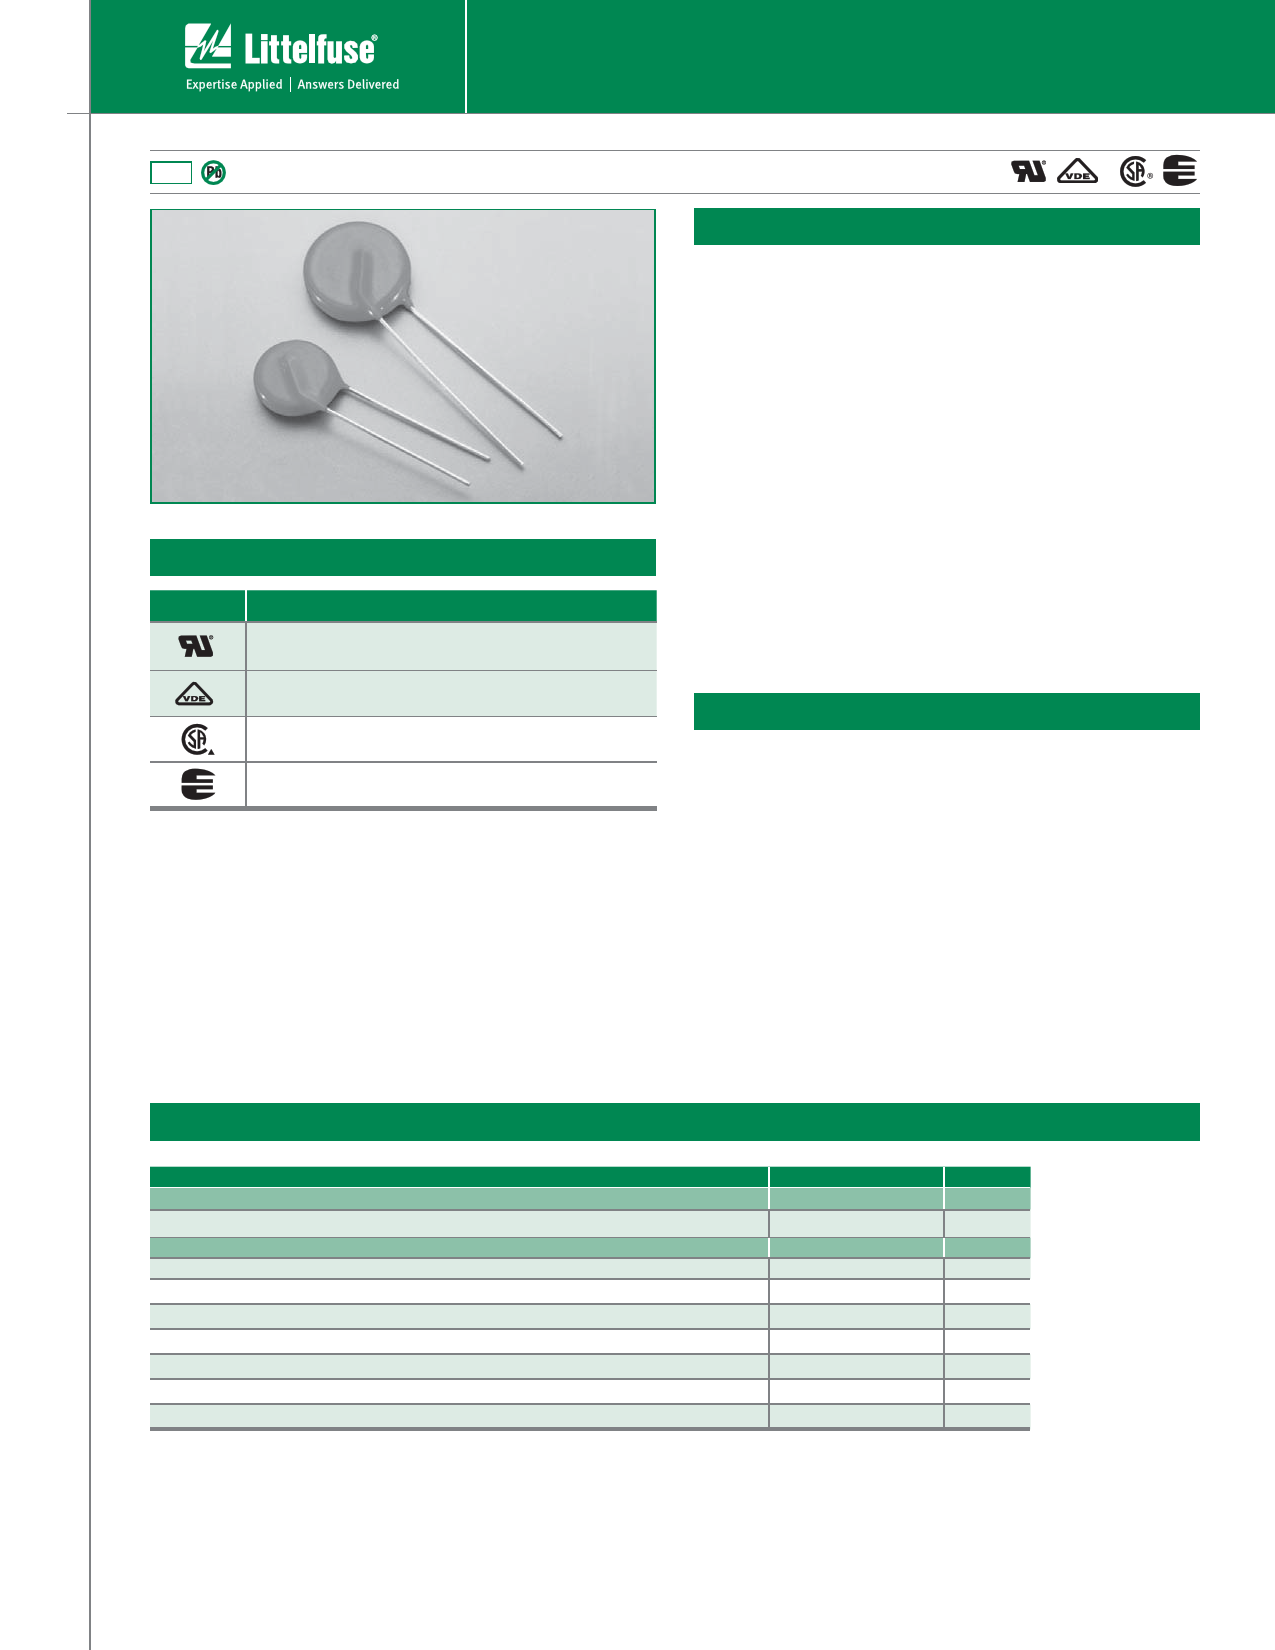 V07E140 datasheet